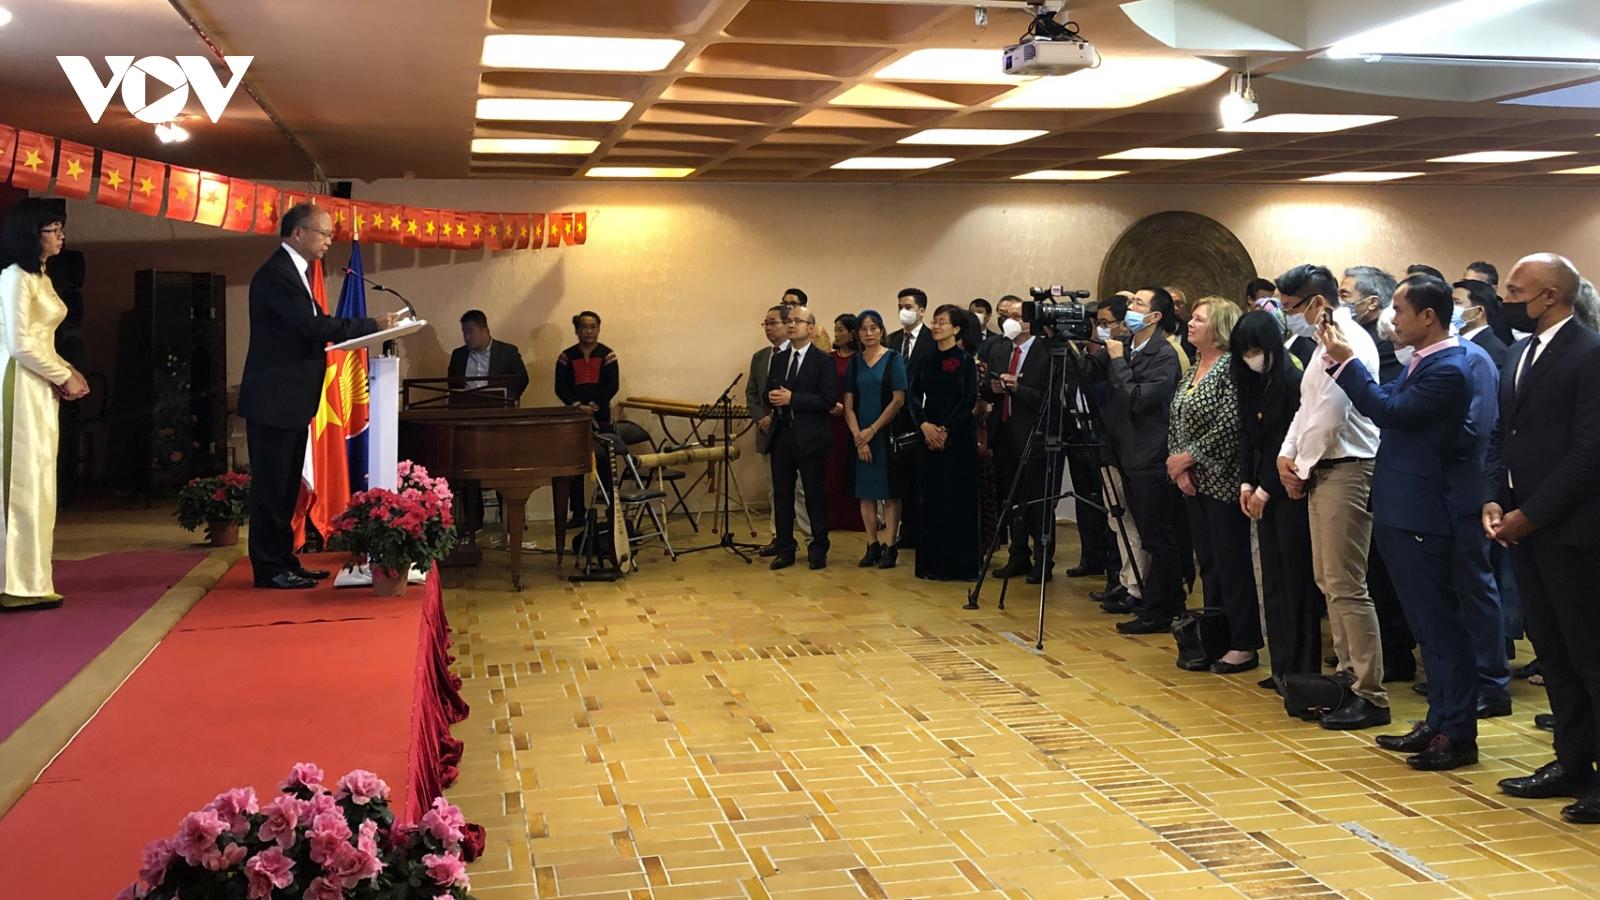 Kỷ niệm 76 năm Quốc khánh Việt Nam tại Pháp